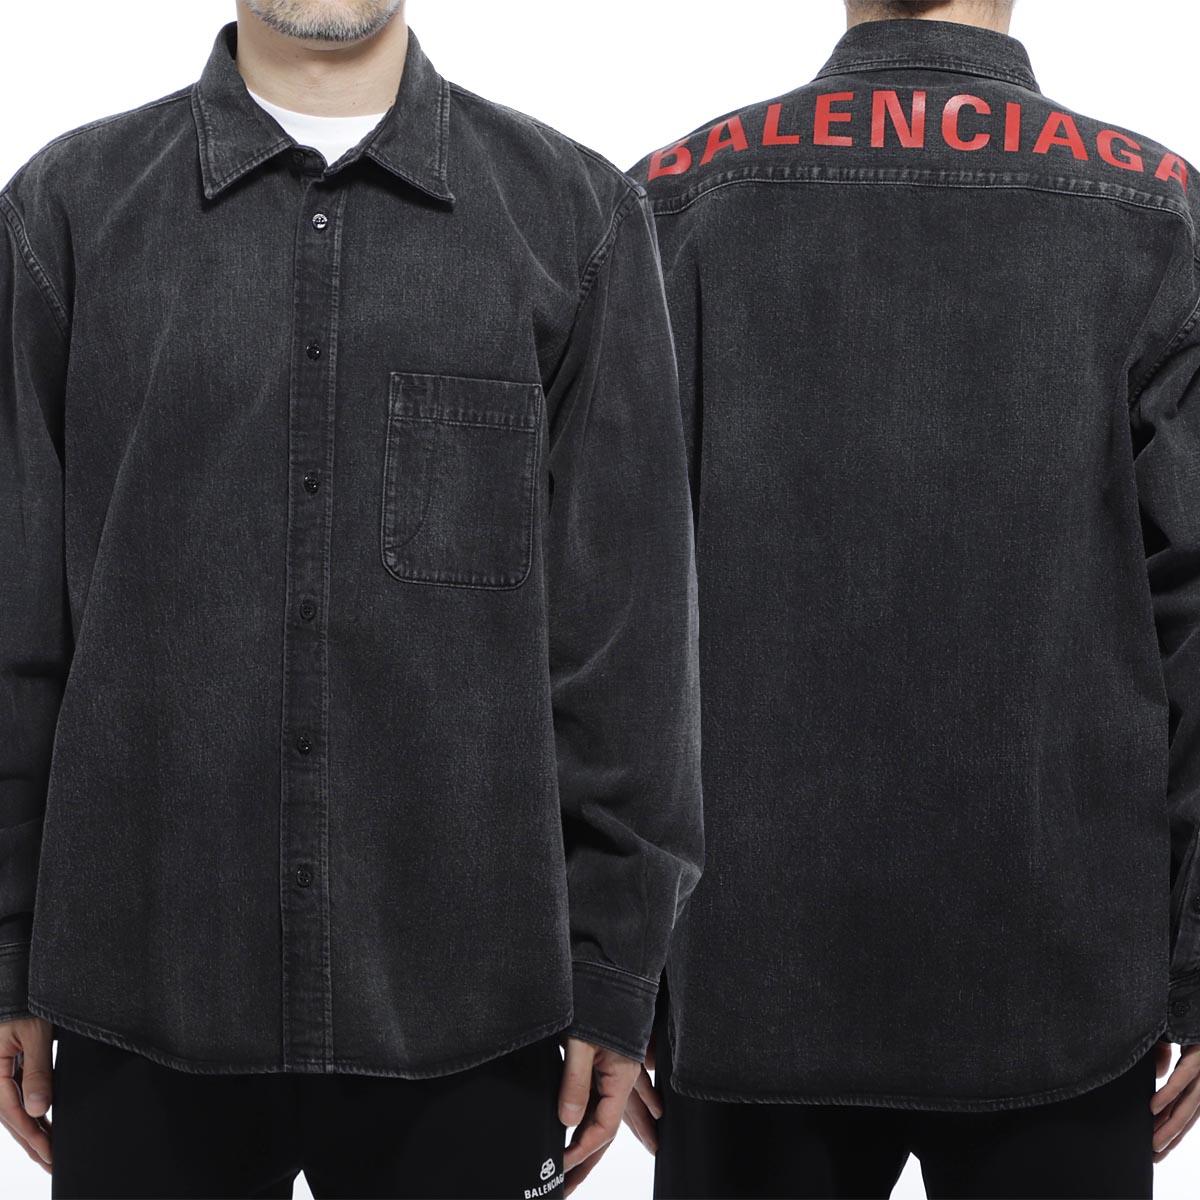 バレンシアガ BALENCIAGA デニムシャツ ブラック メンズ コットン 綿 571365 tbp19 5802【あす楽対応_関東】【返品送料無料】【ラッピング無料】